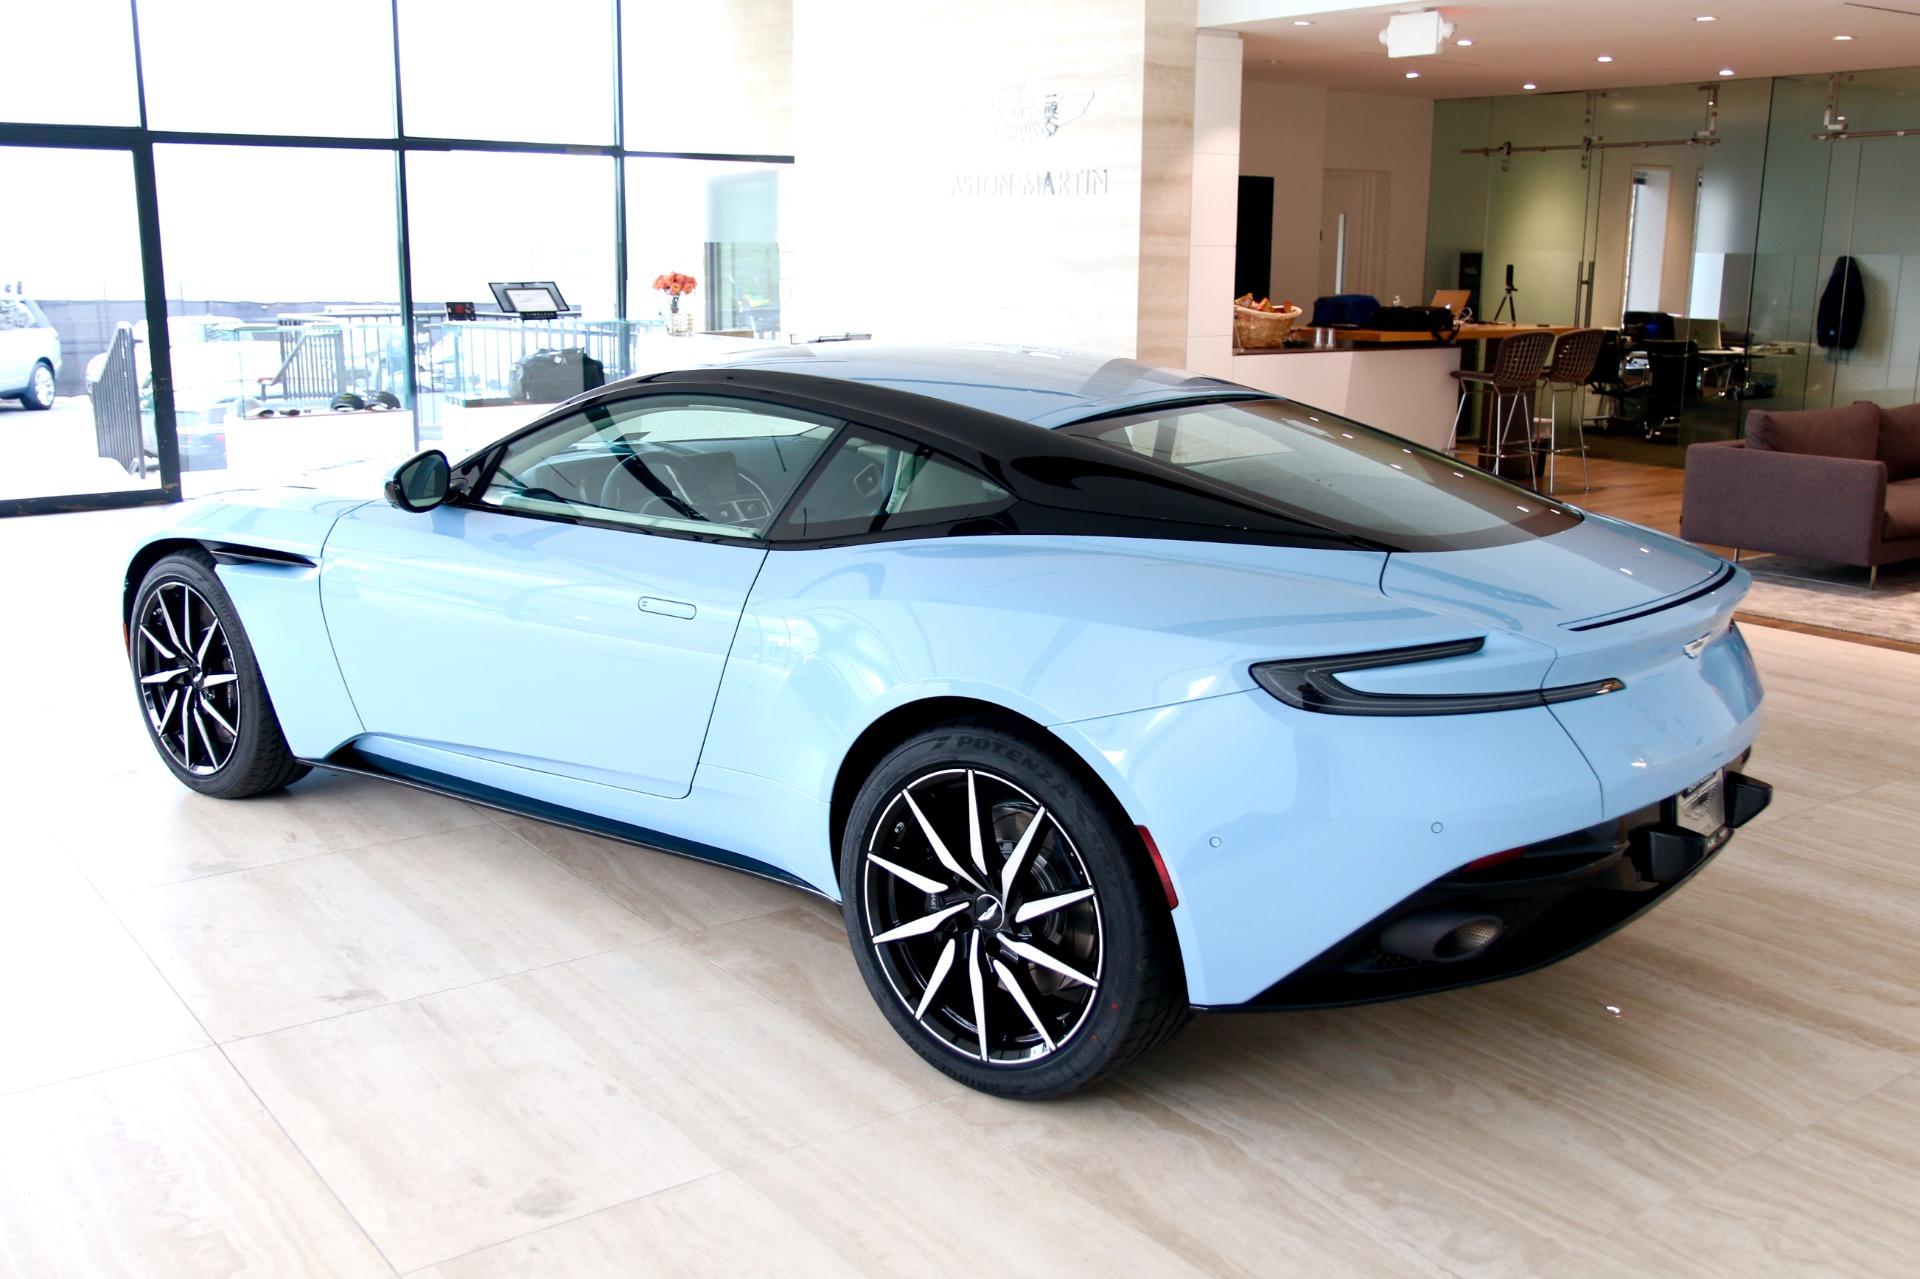 2017 Aston Martin Db11 Stock 7nl03021 For Sale Near Vienna Va Va Aston Martin Dealer